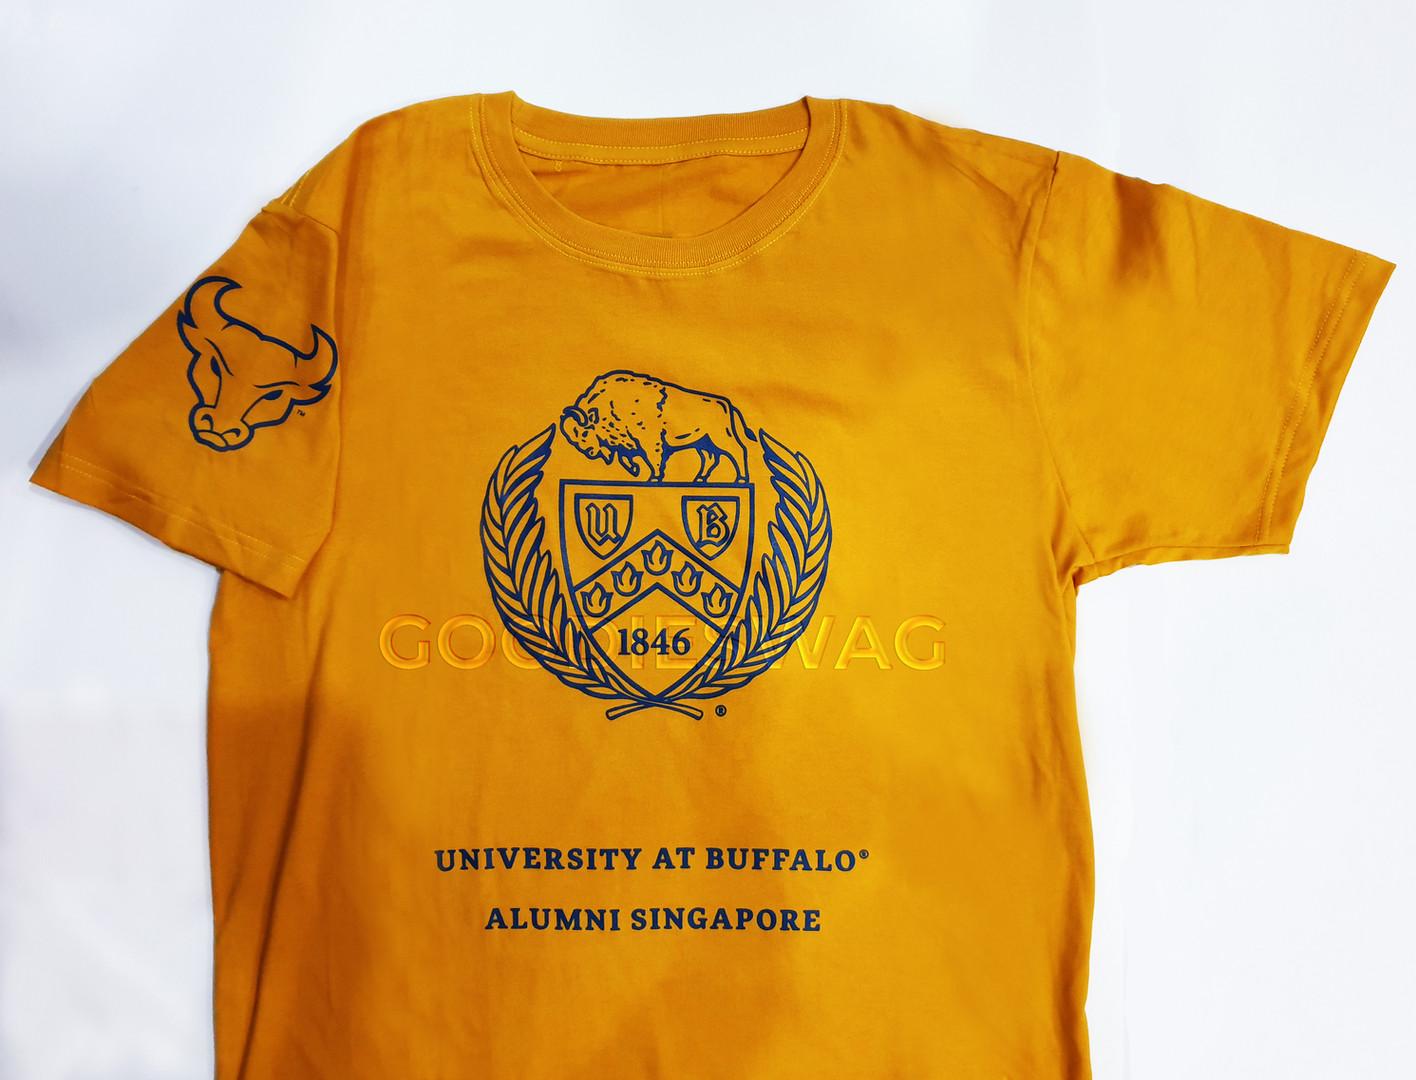 University at Buffalo Alumni Singapore Custom Tshirt Singapore